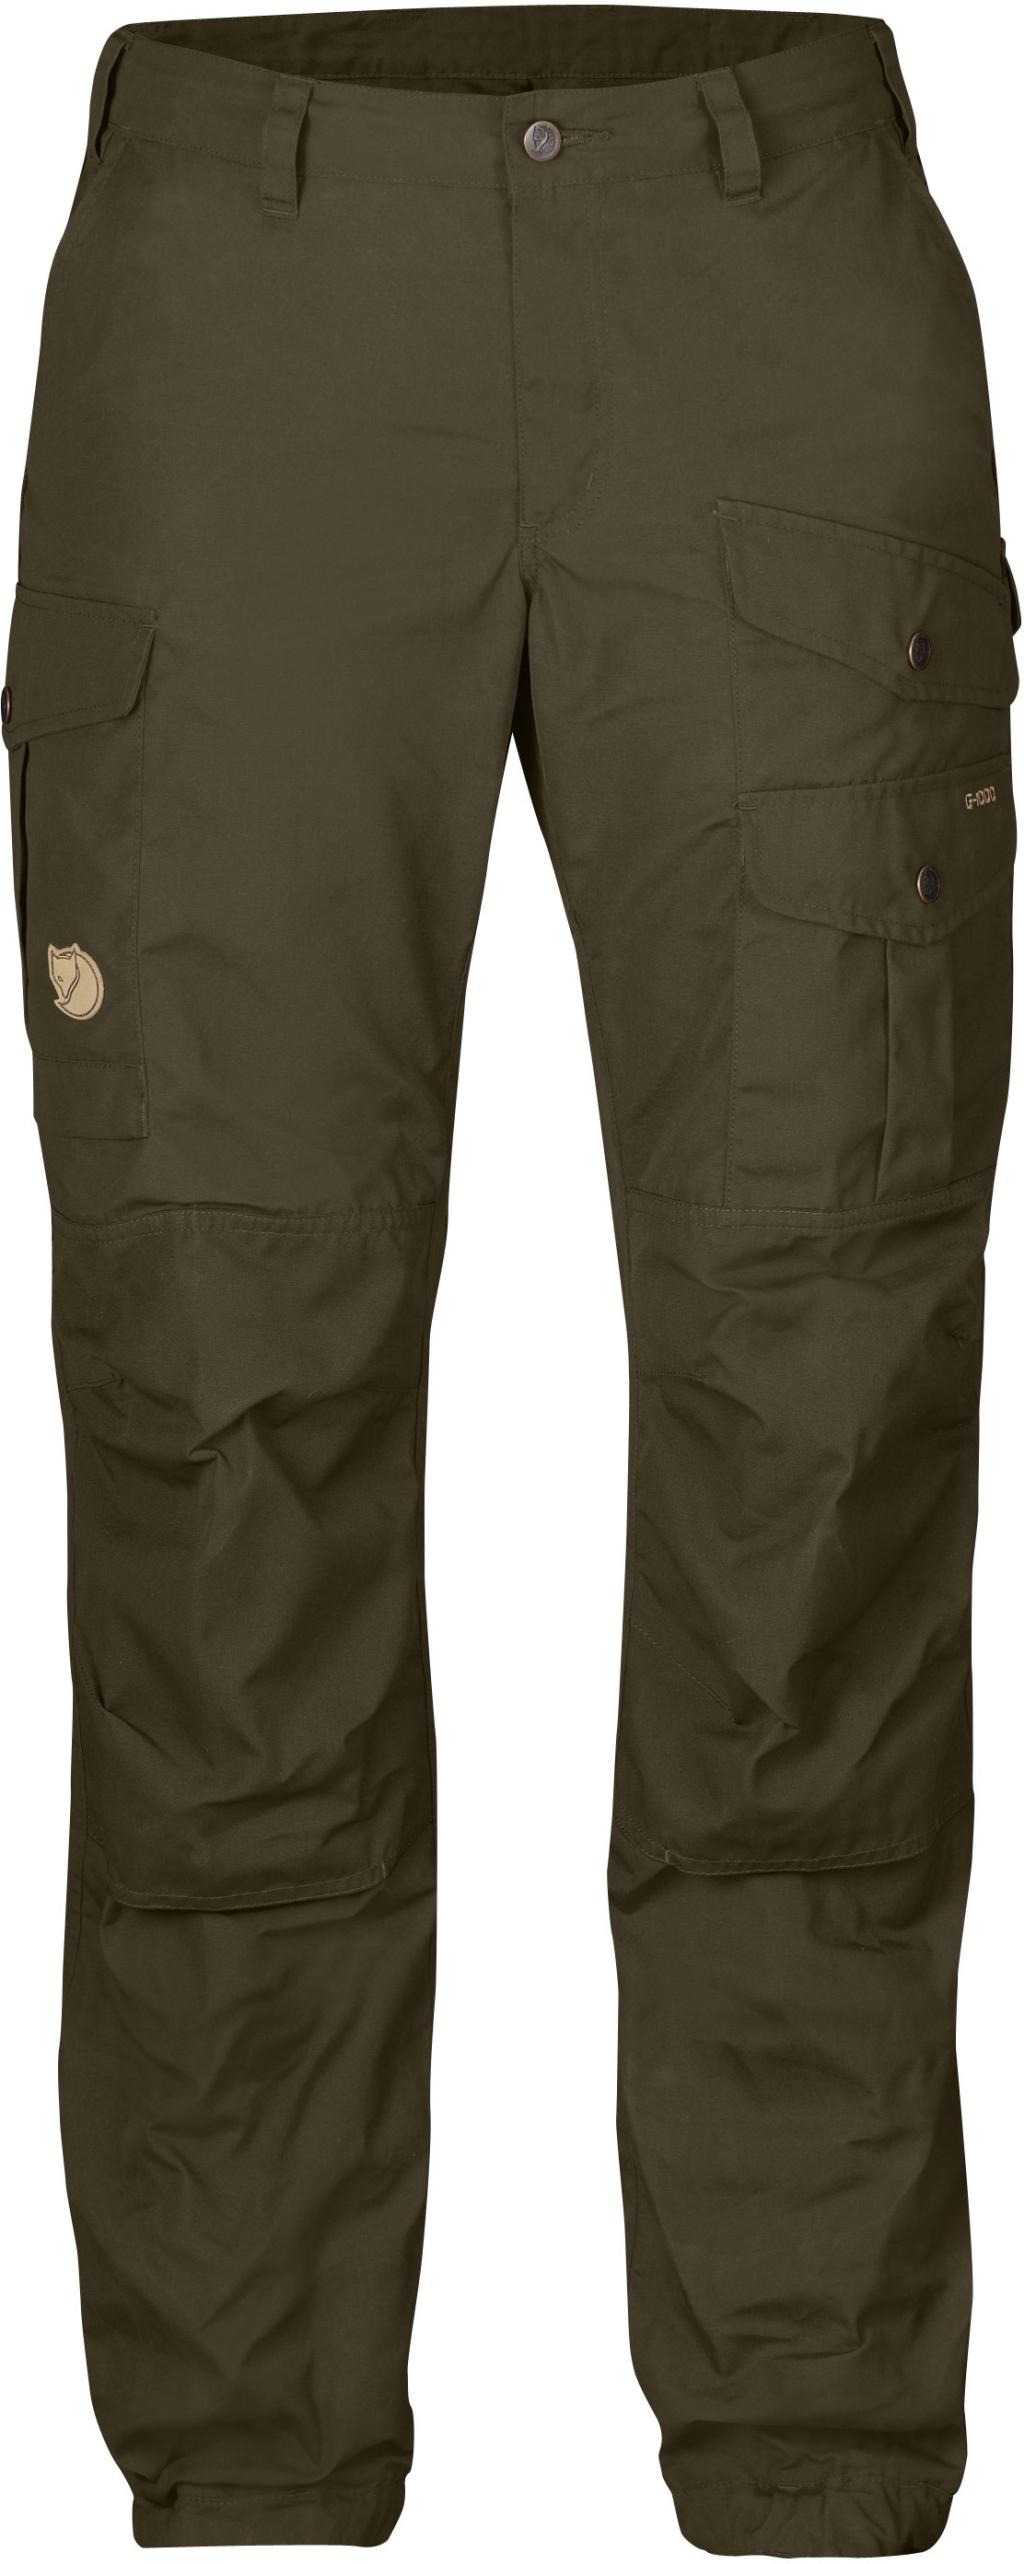 FjallRaven Vidda Pro Trousers Curved W Dk.Olive-Dk.Olive-30